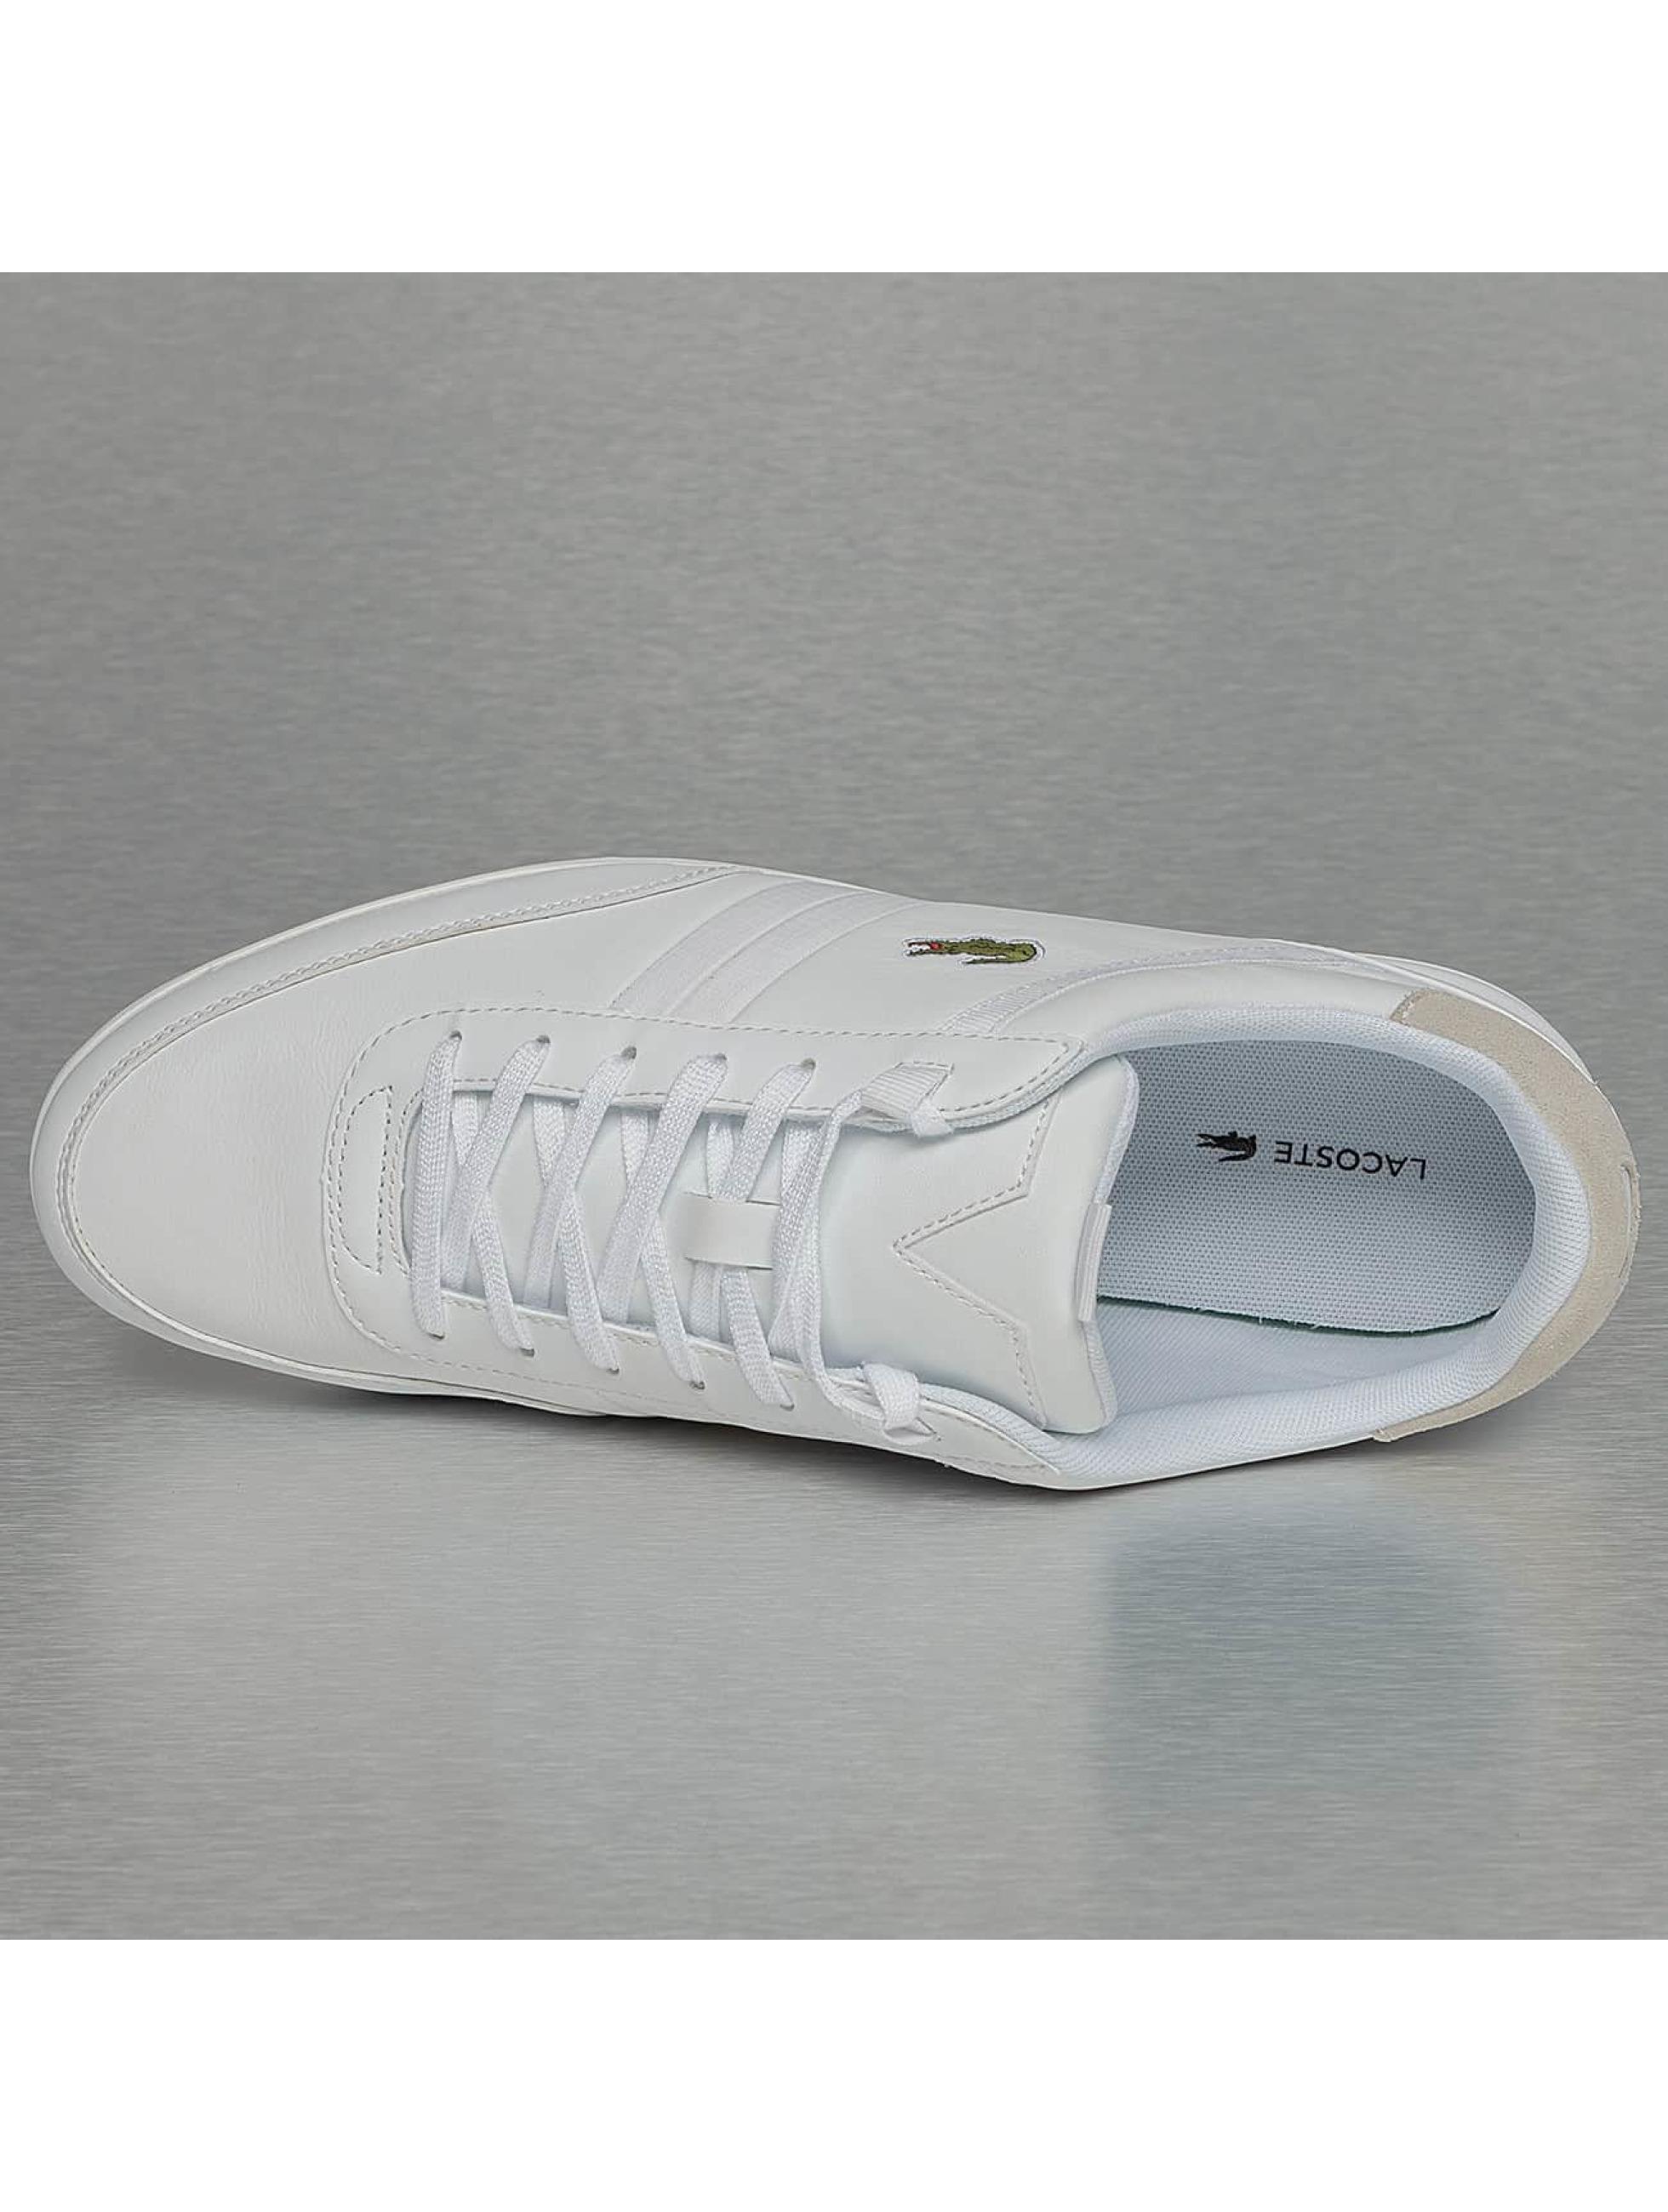 Lacoste Sneakers Giron 416 SPM white